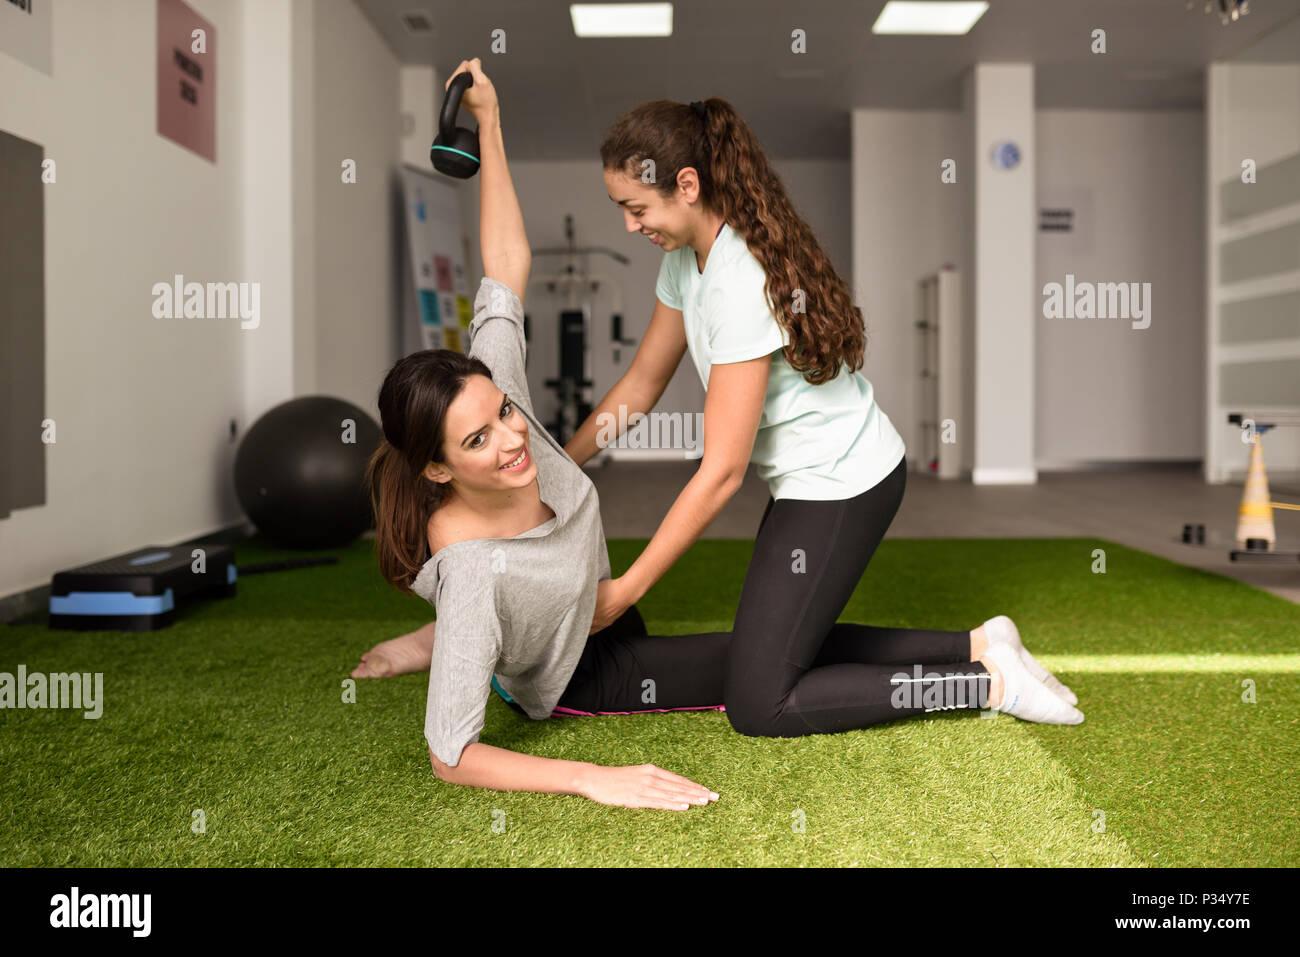 El fisioterapeuta ayuda a los jóvenes mujer caucásica con ejercicios con pesa durante la rehabilitación en el gimnasio en el hospital. Fisioterapeuta hembra tr Imagen De Stock